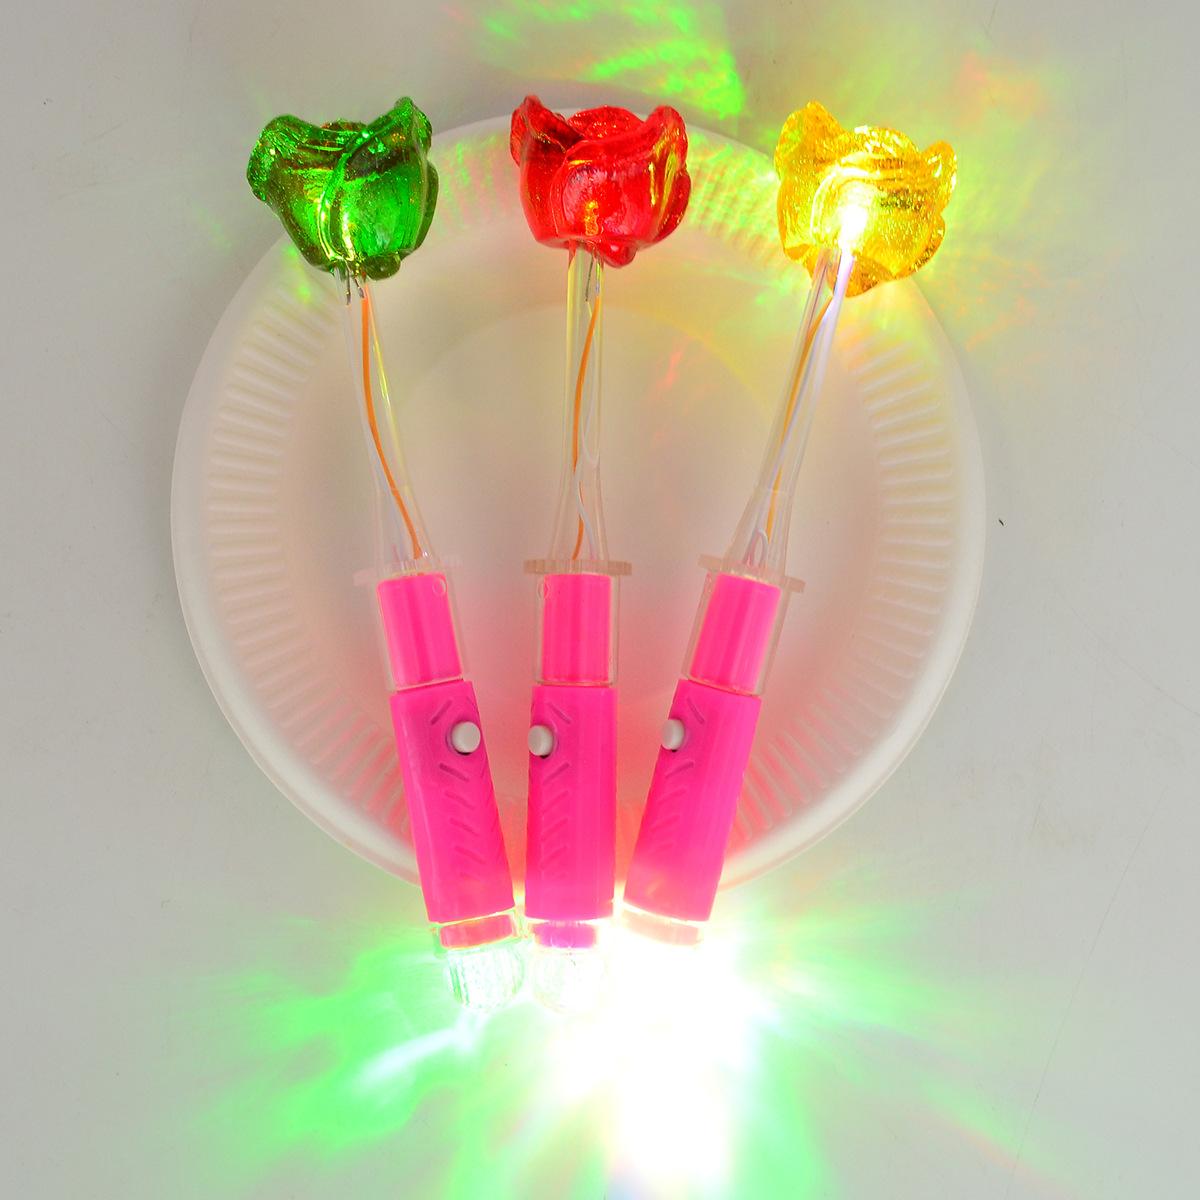 厂家直销玫瑰荧光棒棒糖儿童休闲水果硬糖酒吧夜场ktv发光棒棒糖